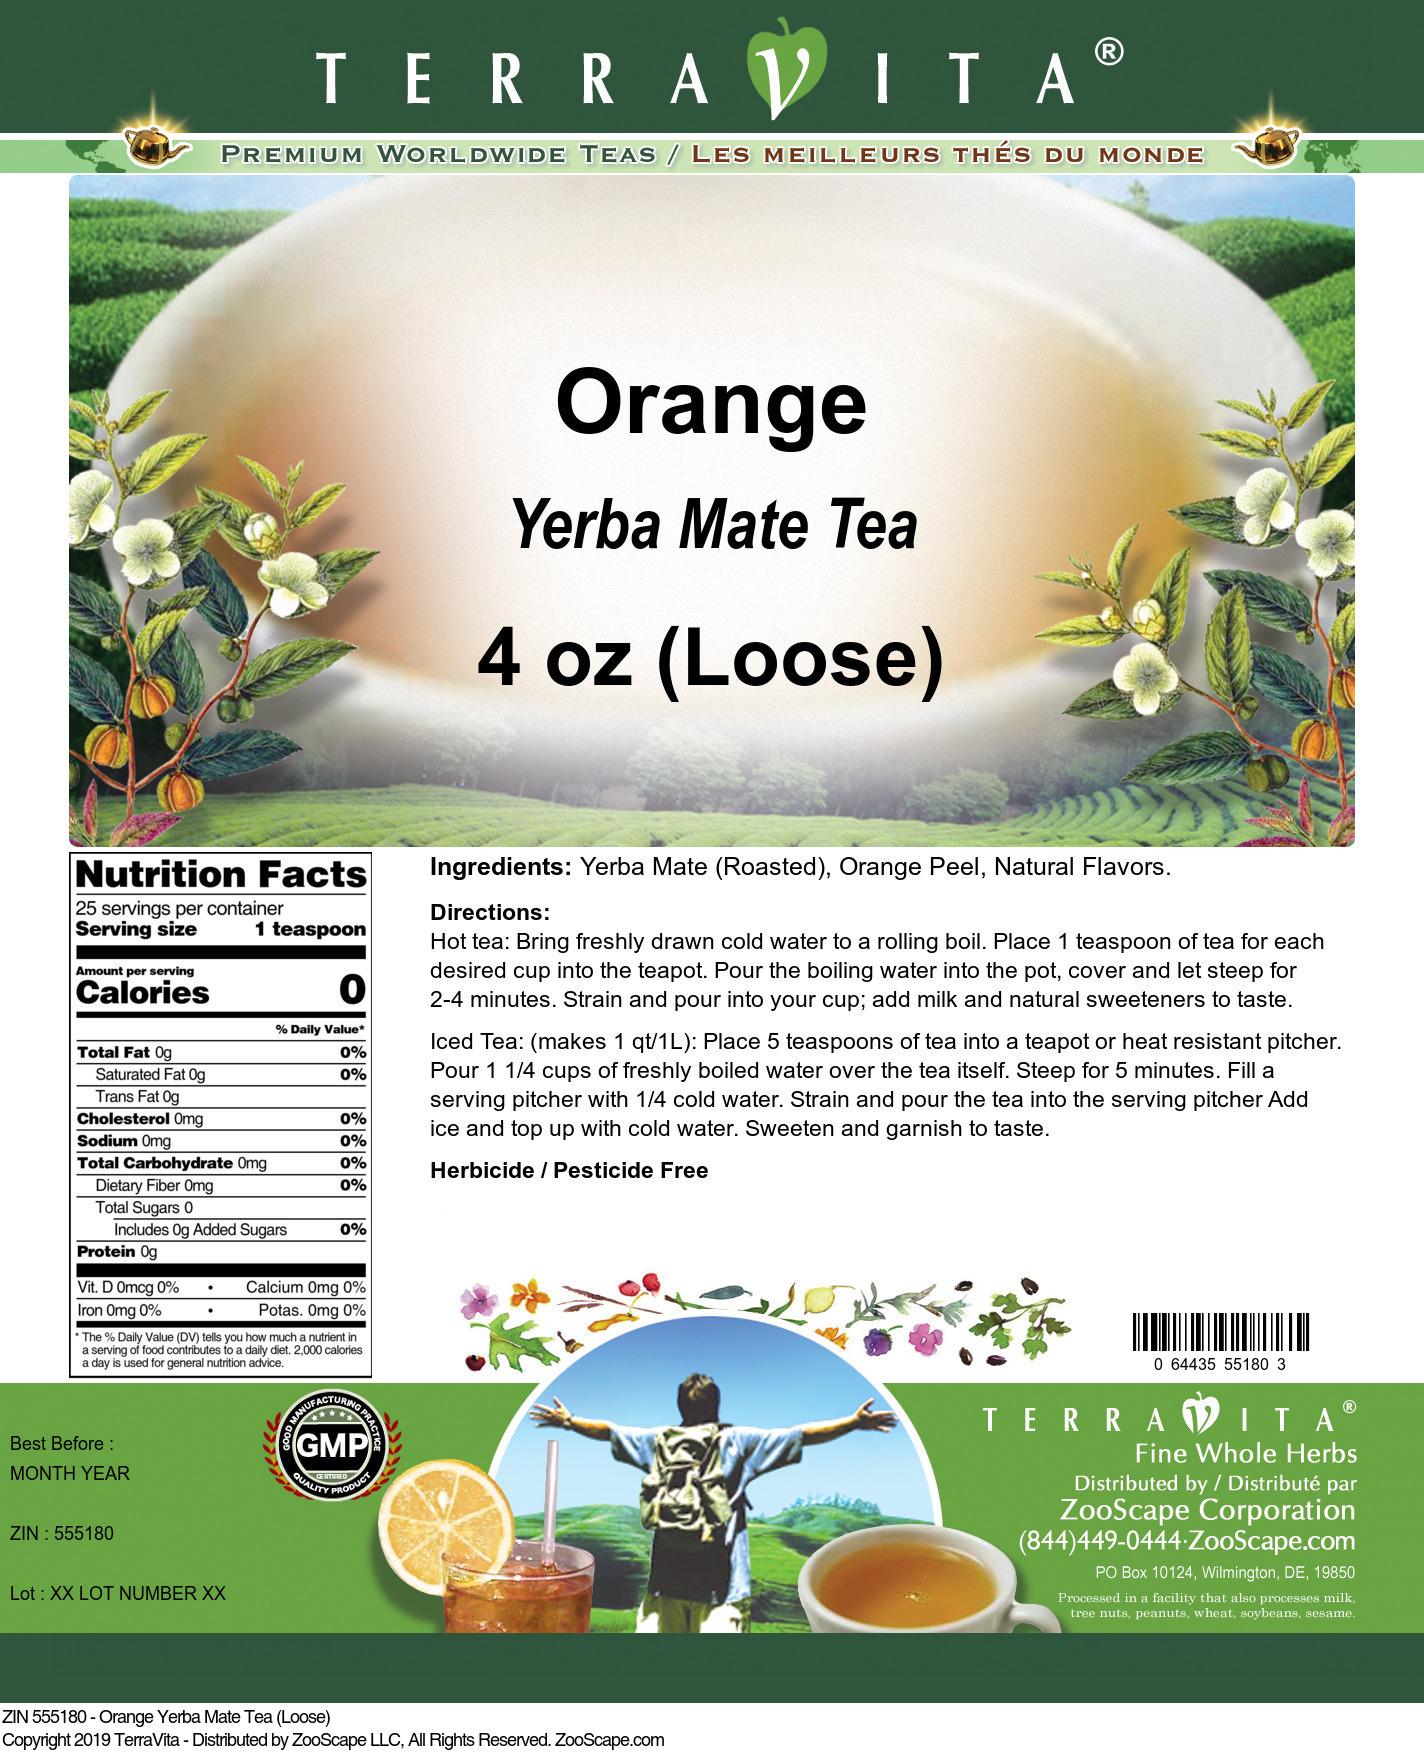 Orange Yerba Mate Tea (Loose)